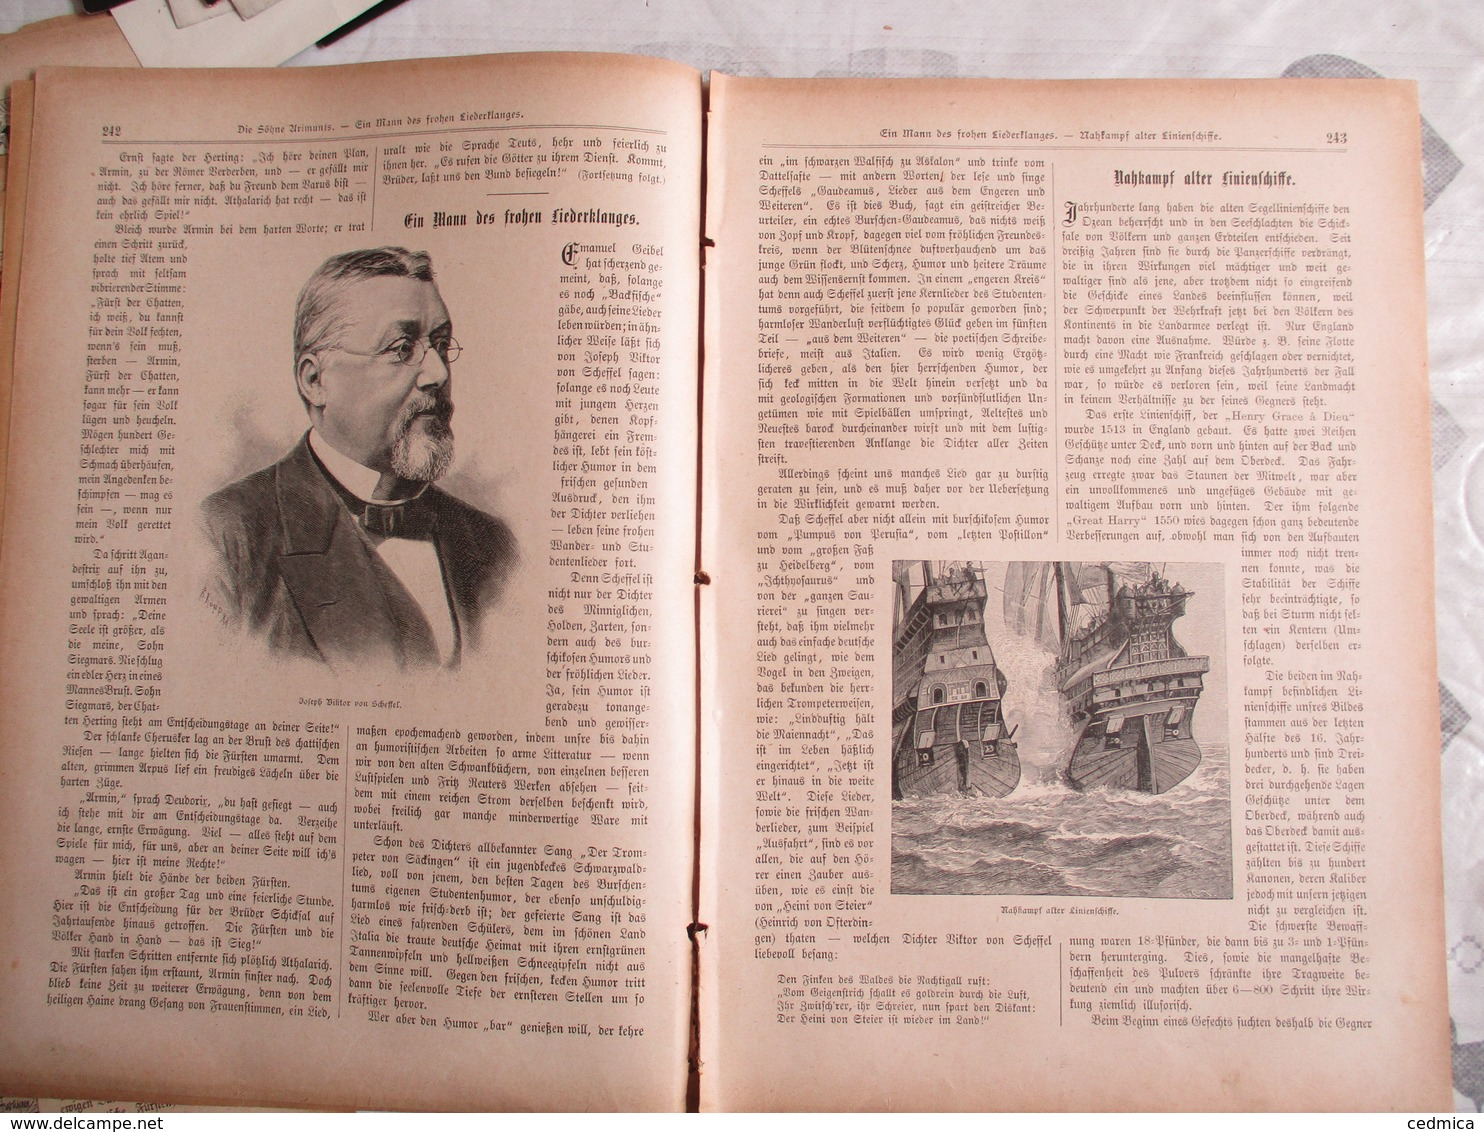 DER GUTE KAMERAD N°18  9. JAHRGANG 1896 - Revues & Journaux